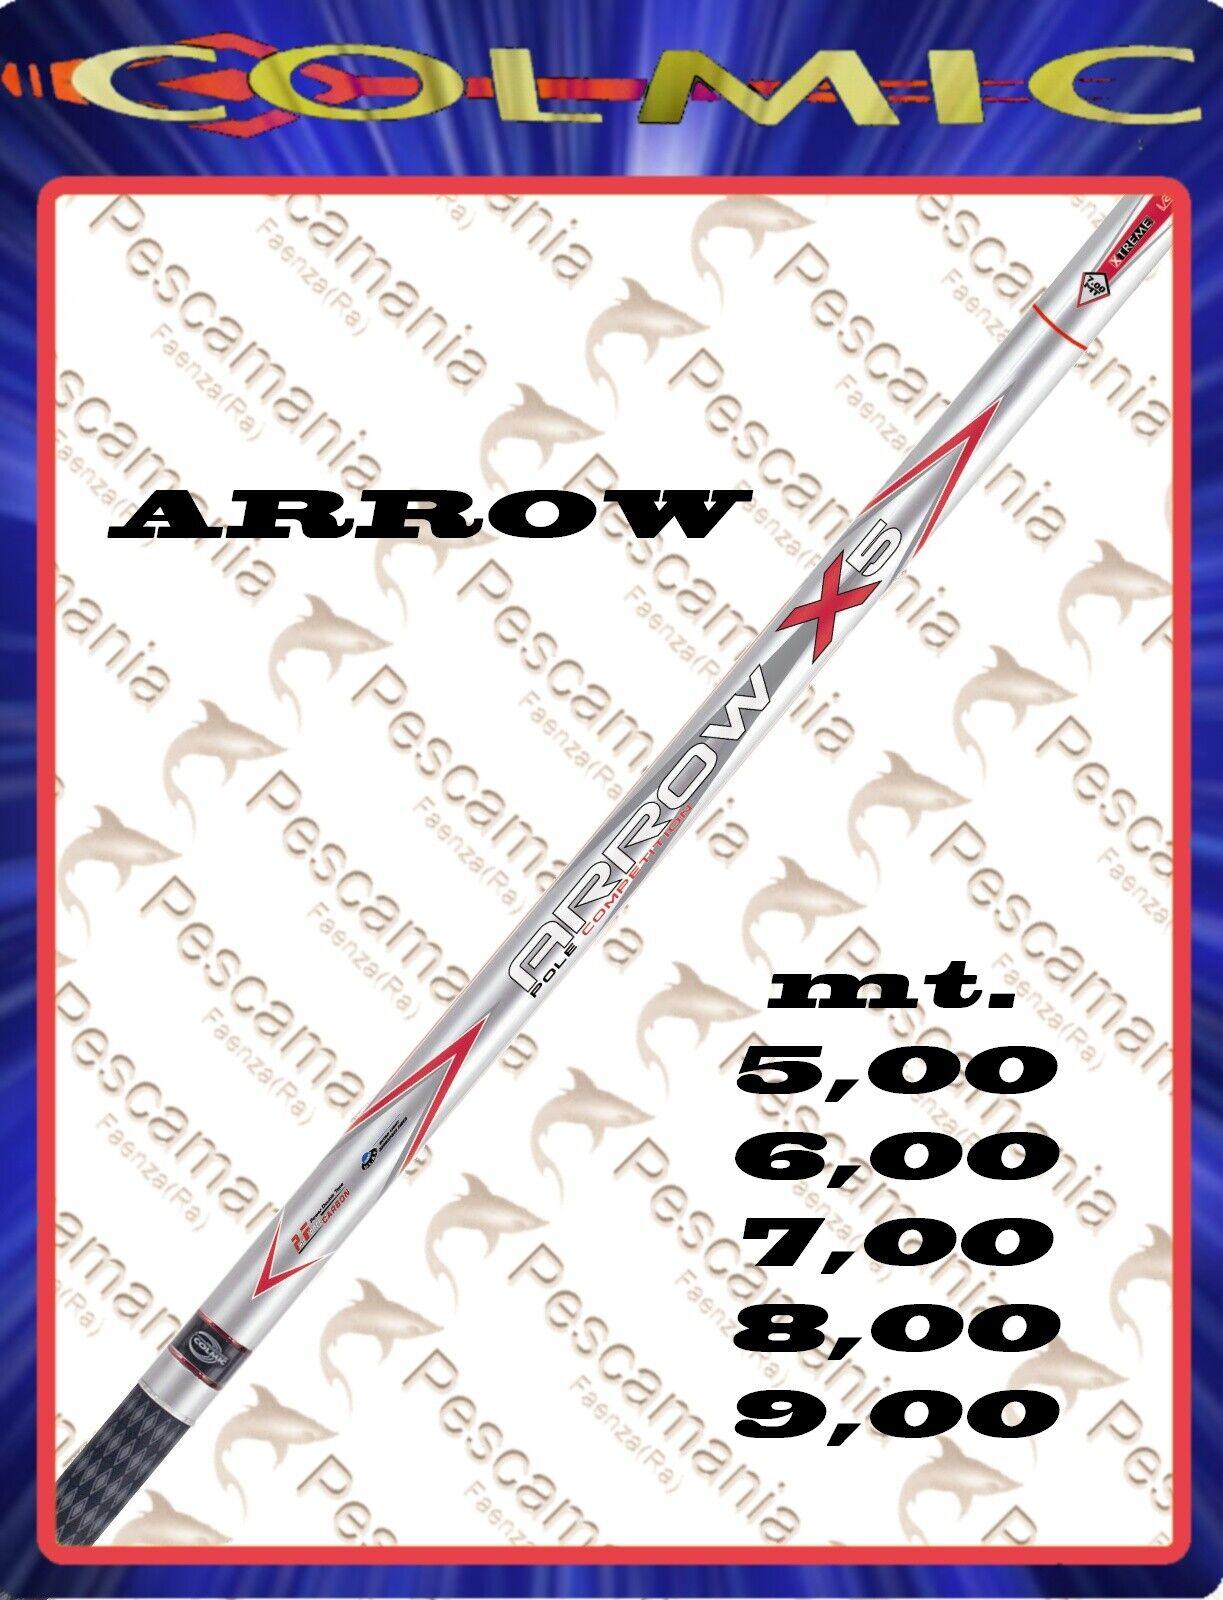 Canne Colmic Arrow Xs Fixe Mt. 5,00 -6, 00-7, 00-8, 00-9, 00 Télescopique